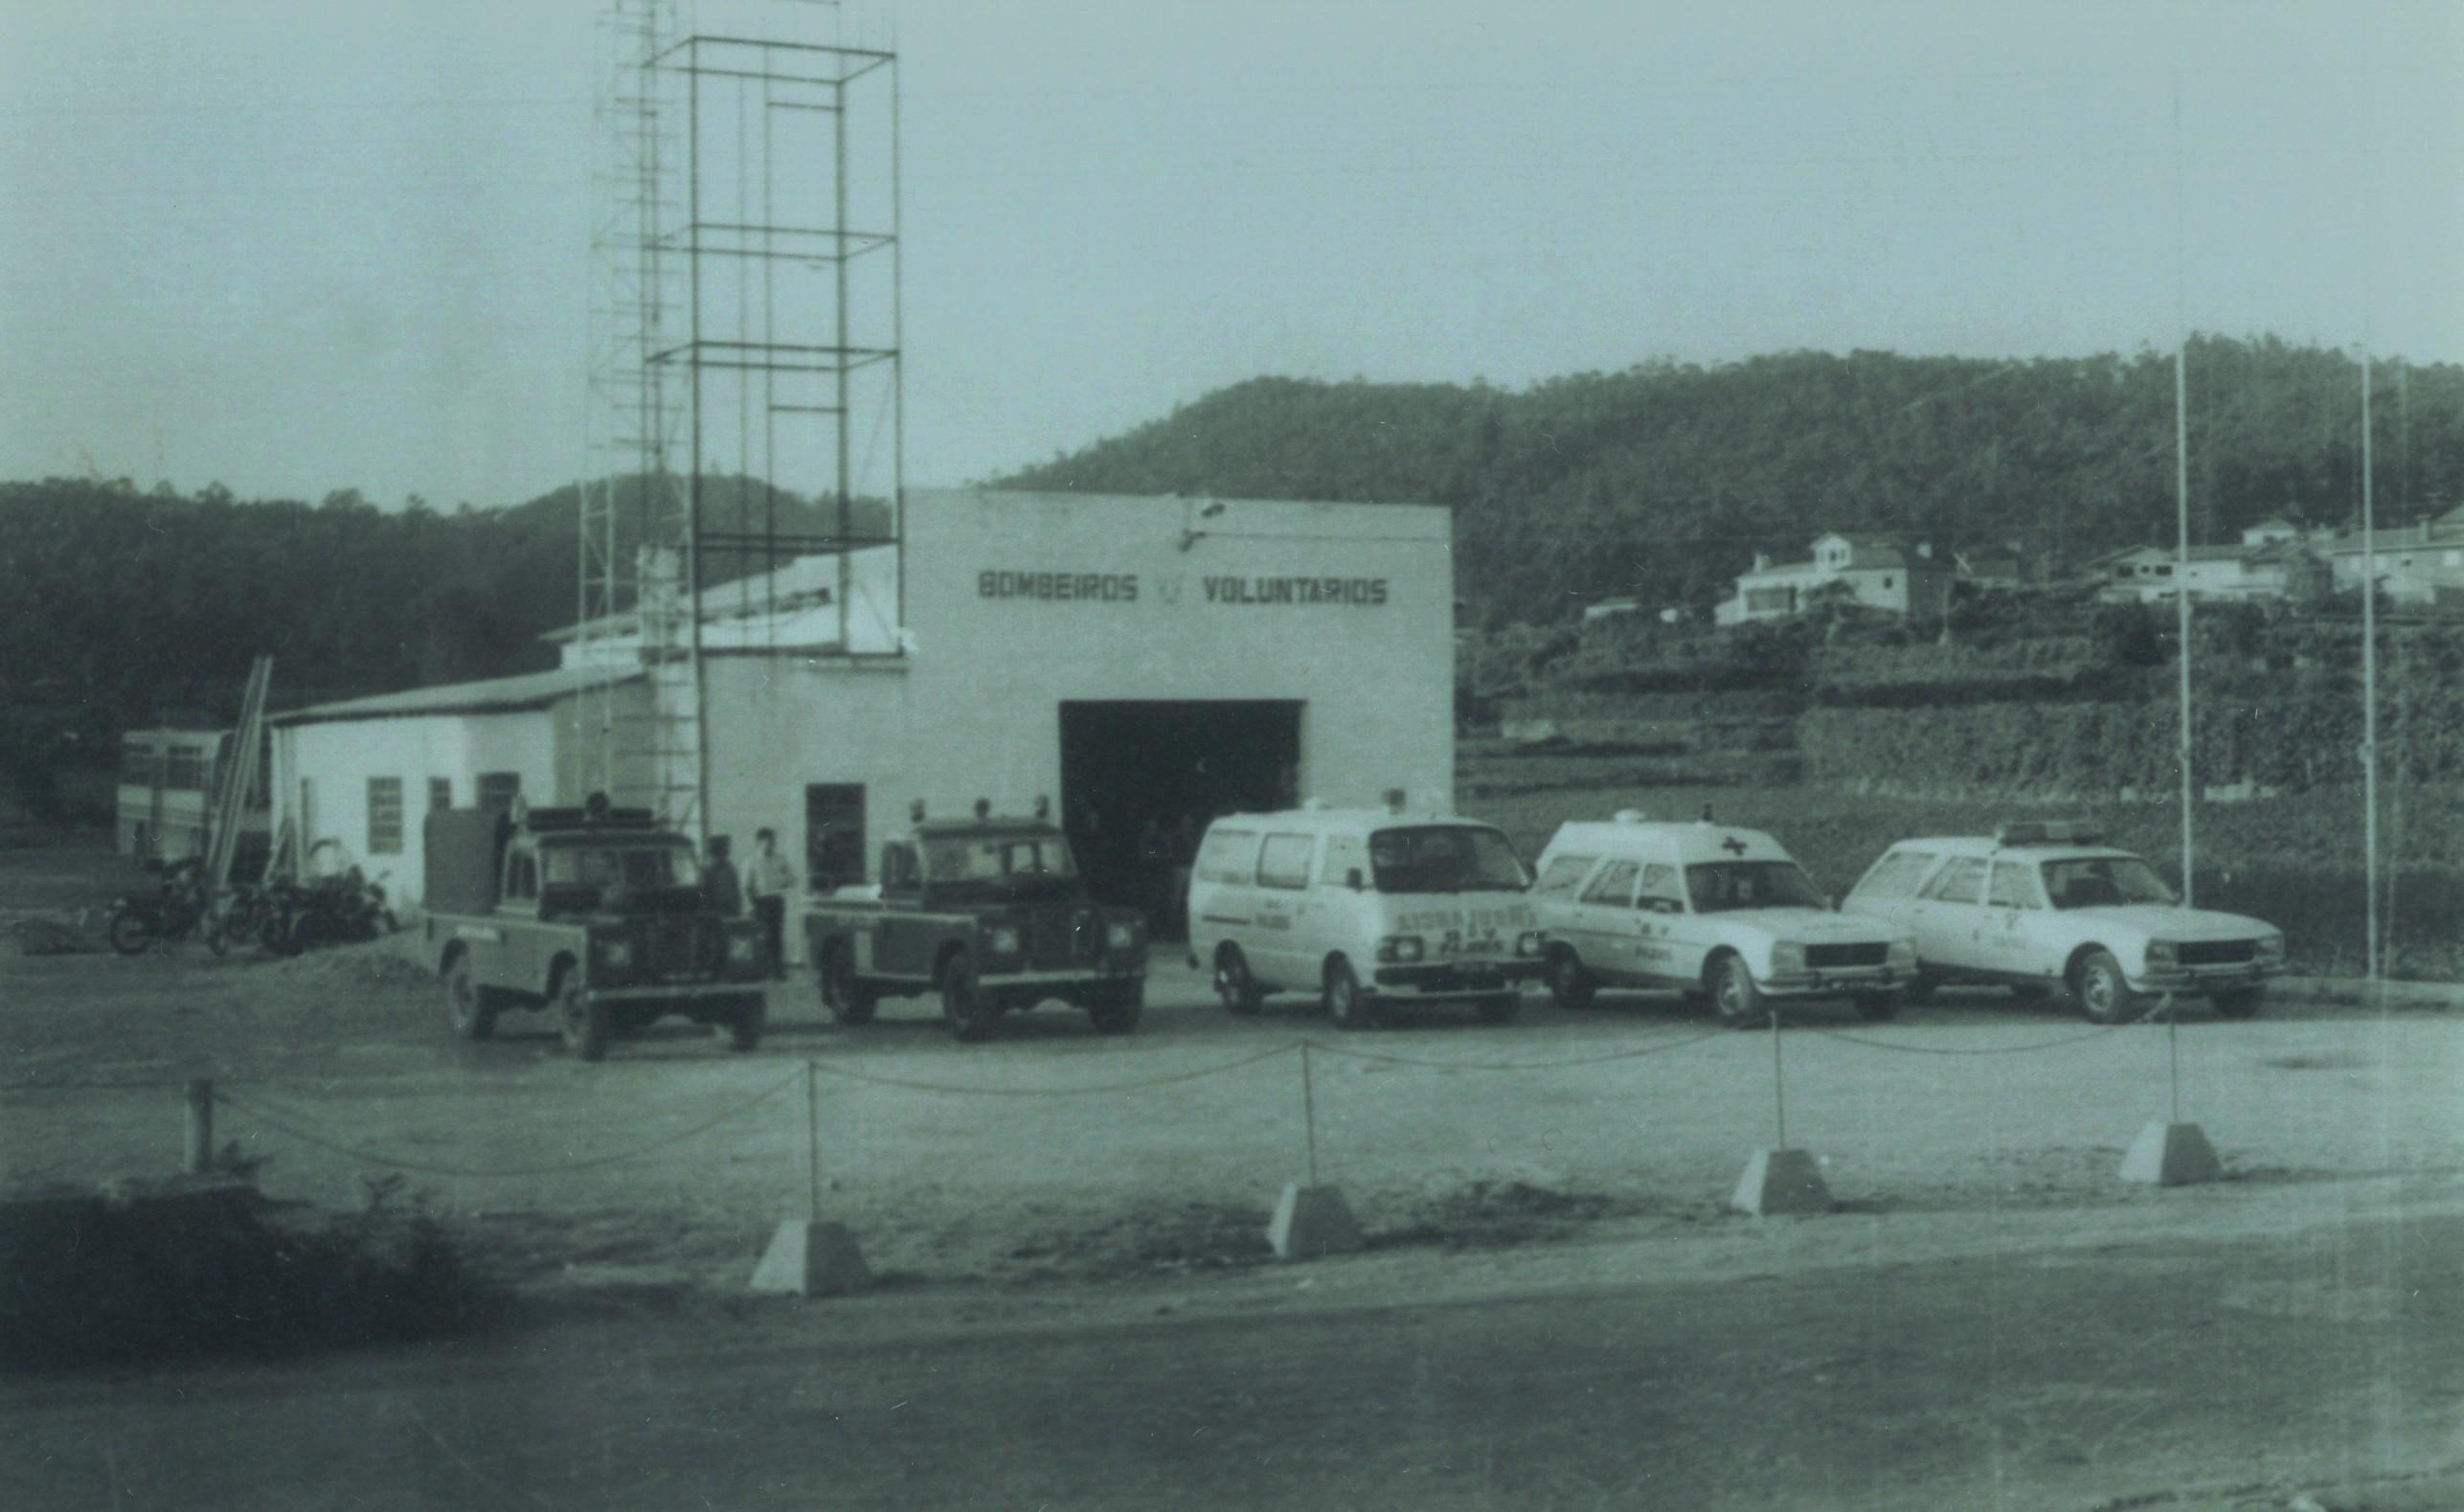 Quartel dos bombeiros voluntários de Fajões (Finais anos 70)